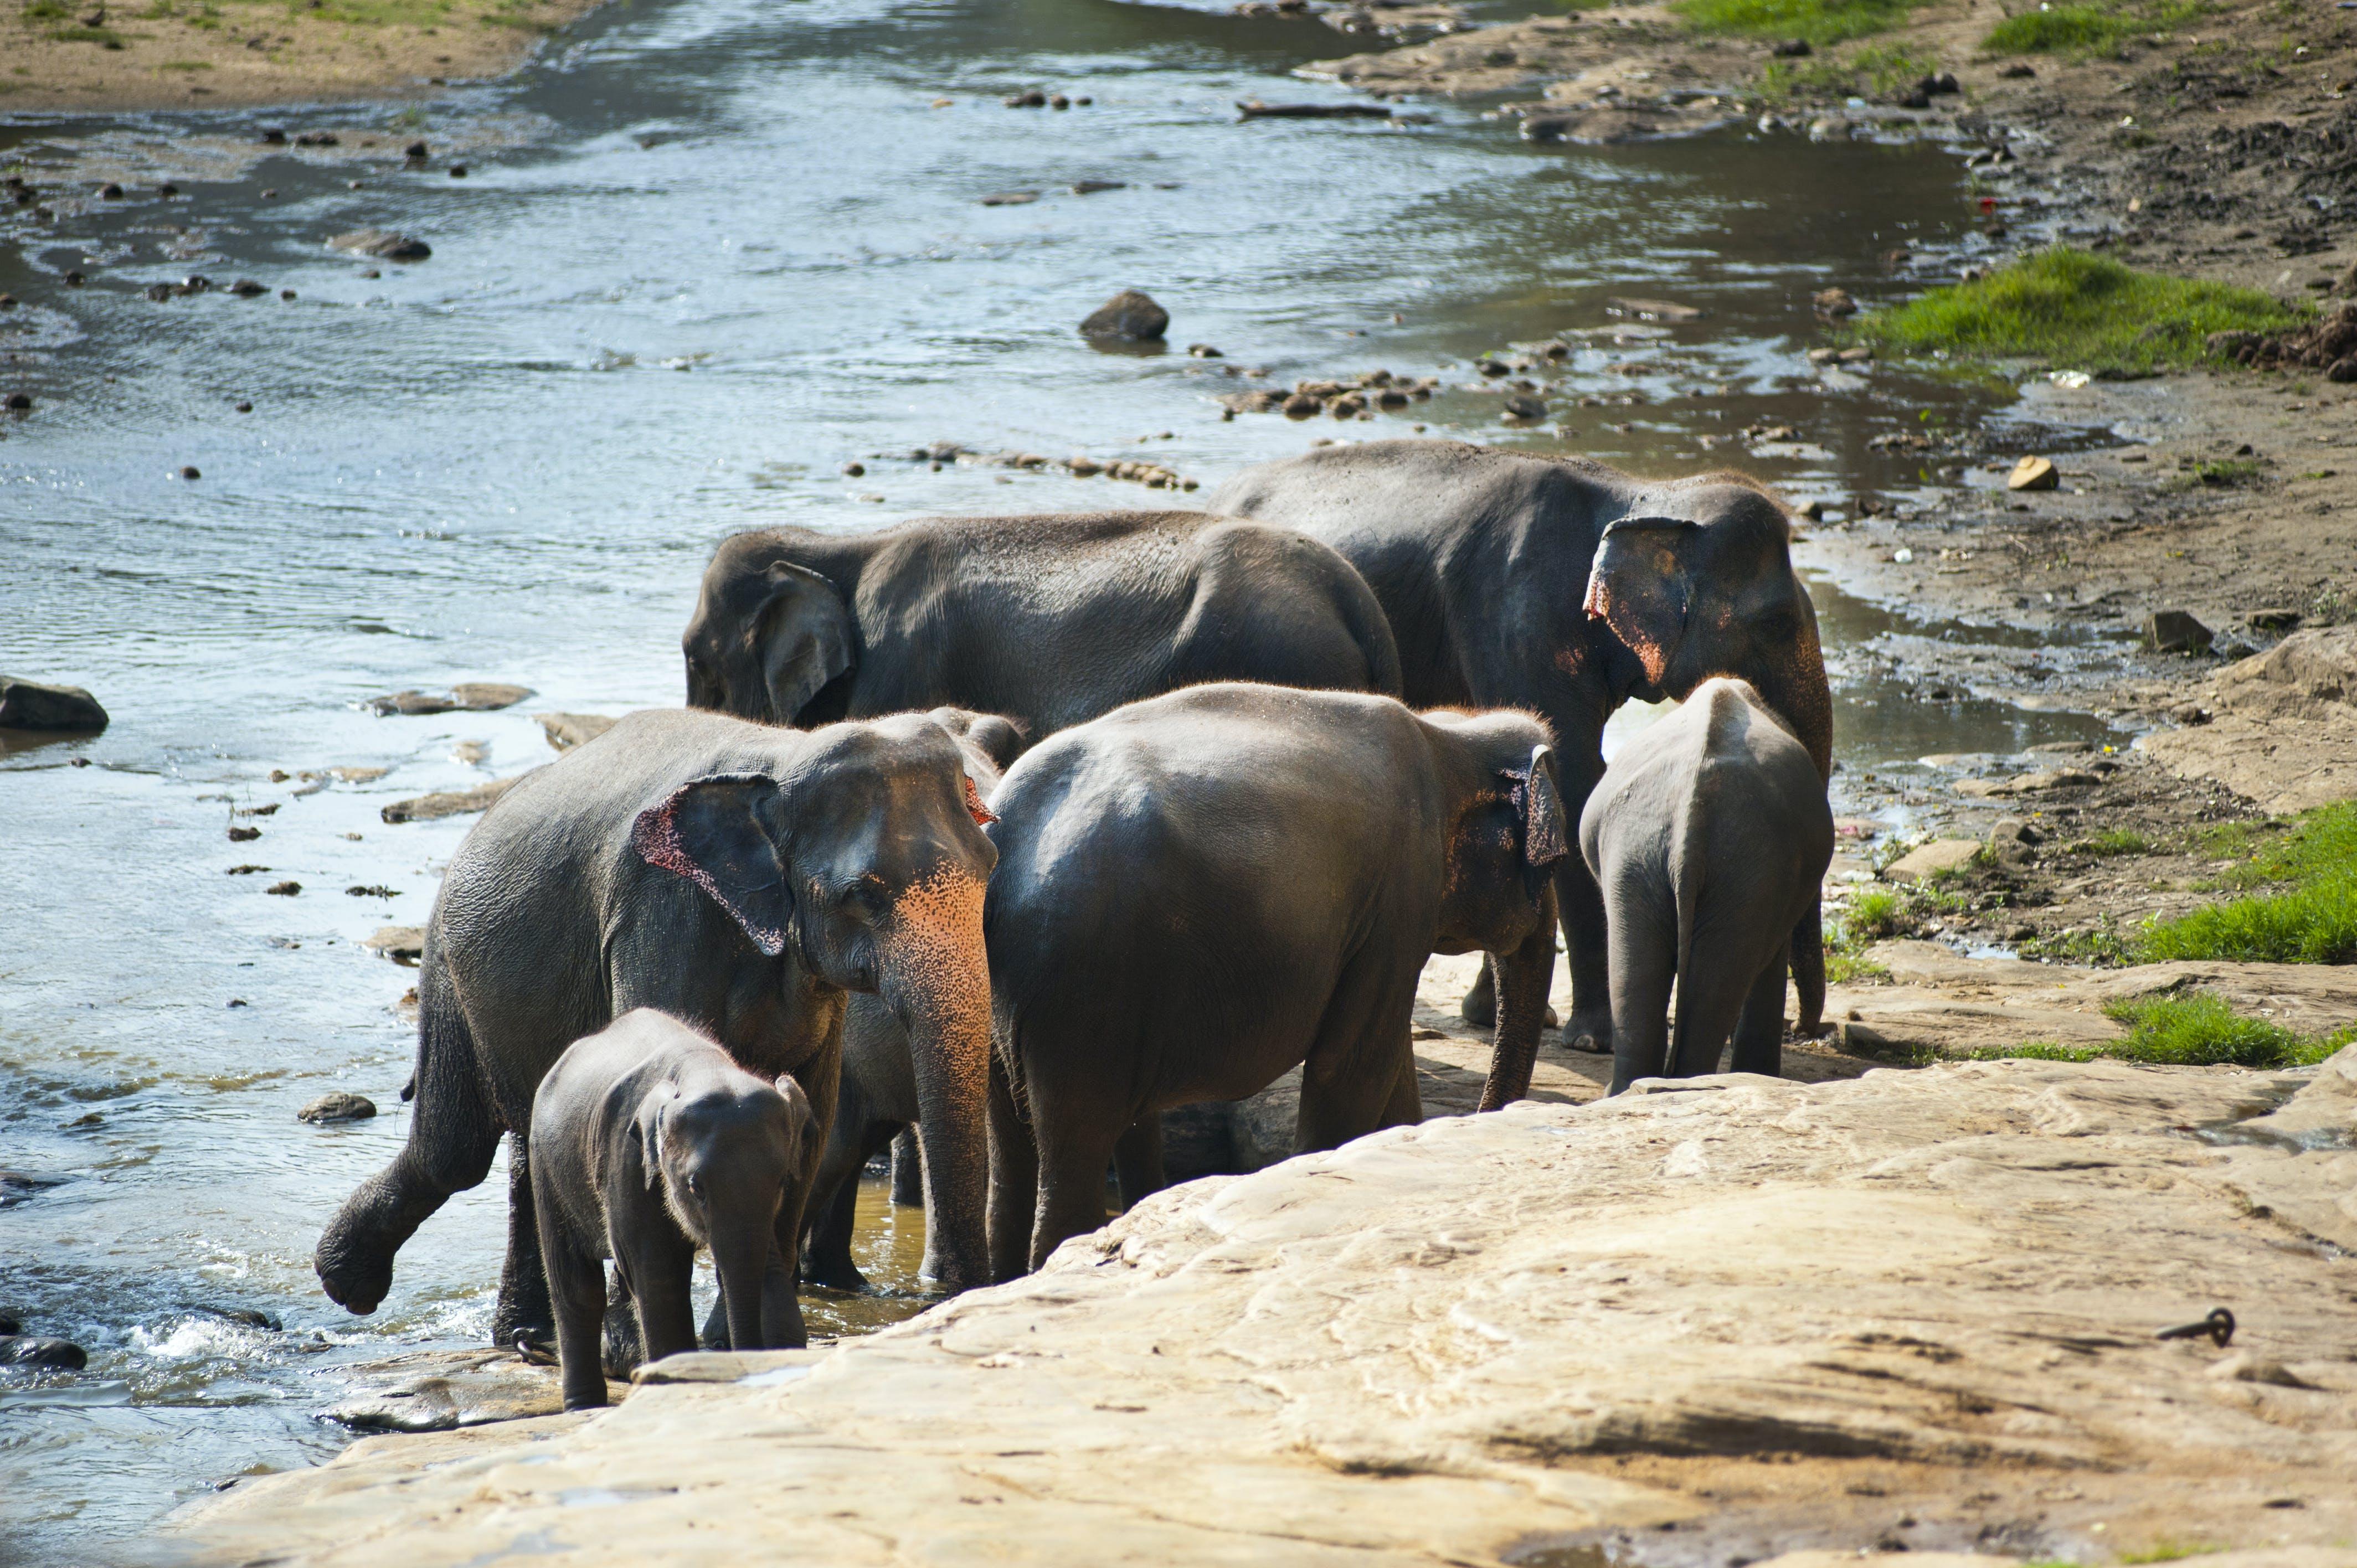 animals, baby, elephants